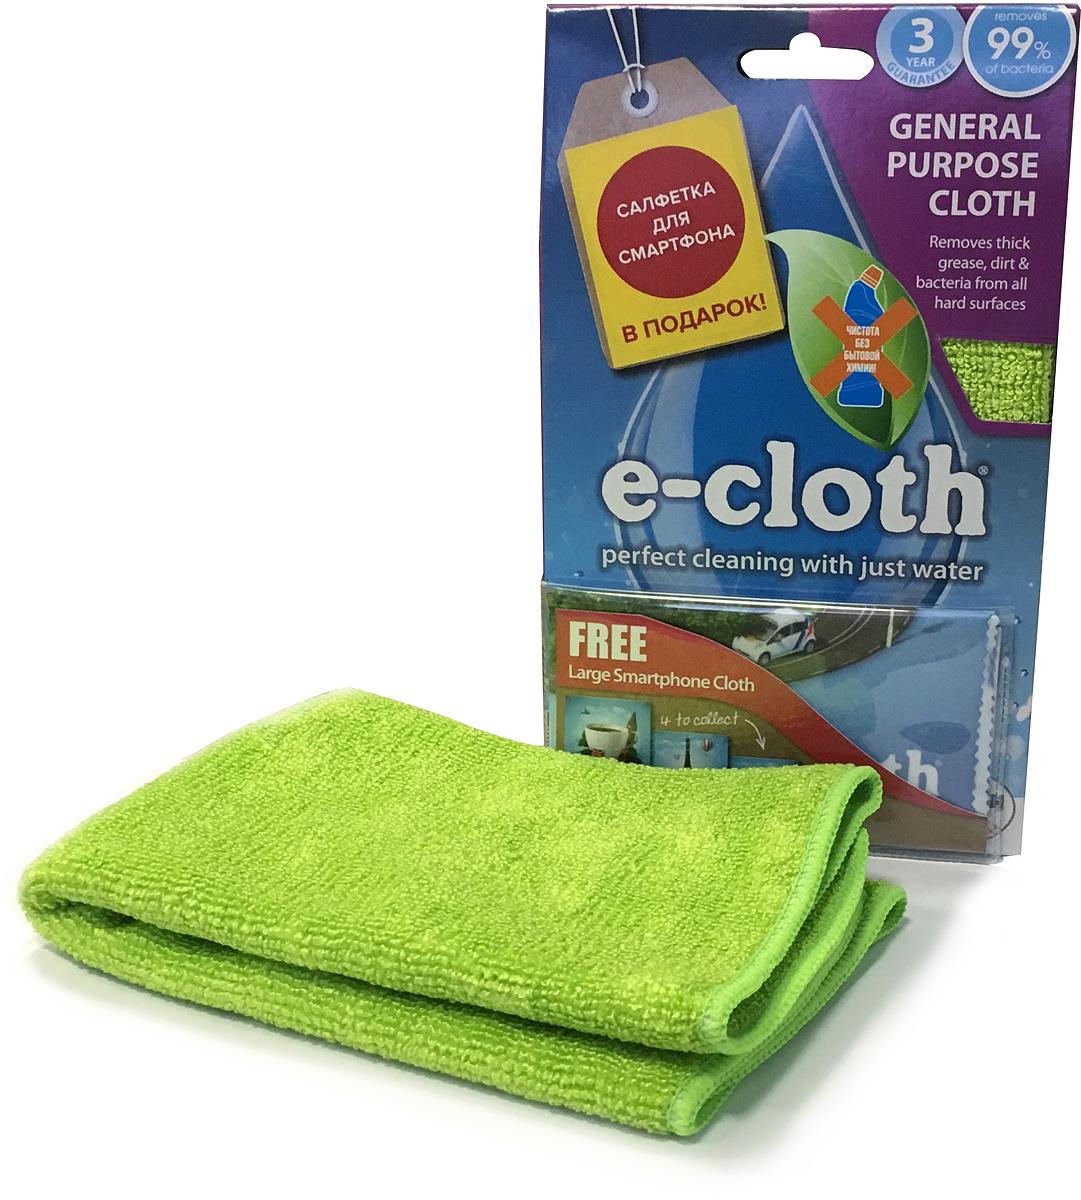 Салфетка E-cloth универсальная, 32 см х 32 см. 20230 + ПОДАРОК: салфетка для смартфона20230Универсальная салфетка E-cloth, выполненная из высококачественного комбинированного материала - полиэстера и полиамида, используется для очистки любых твердых поверхностей без использования химических средств. Достаточно лишь смочить салфетку водой для очистки поверхности от жира и других загрязнений. Для очистки от пыли используйте сухую салфетку. Удаляет подавляющее большинство бактерий. Выдерживает до 300 циклов стирки без потери эффективности.Материал: 80% полиэстер, 20% полиамид.Размер салфетки: 32 см х 32 см.